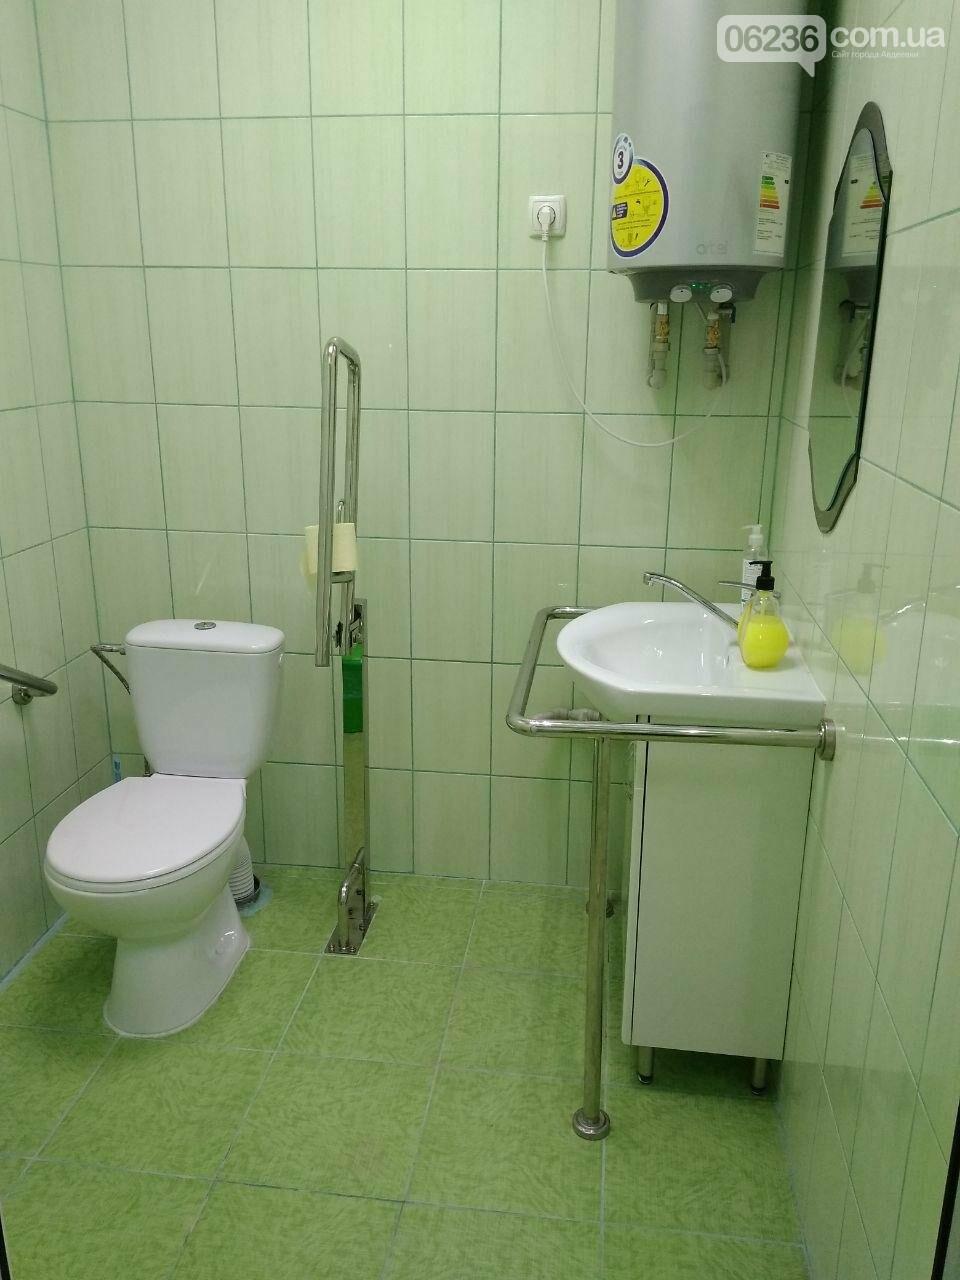 «Преобразим Авдеевку вместе!»: в центре реабилитации «Искорка» появилась современная санитарная комната (ФОТОФАКТ), фото-5